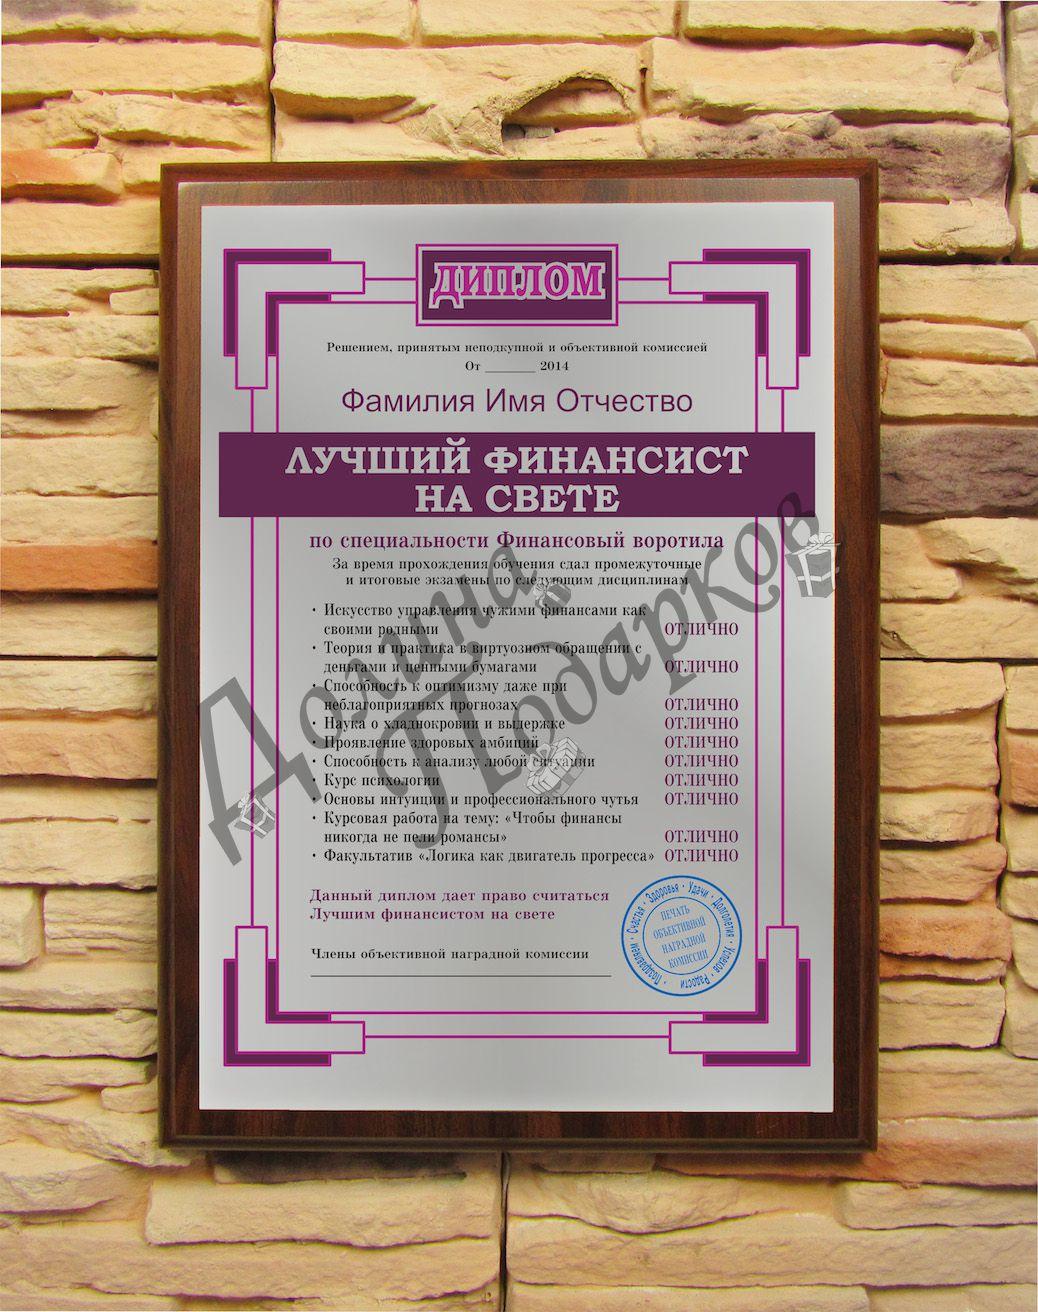 Подарочный диплом (плакетка) *Лучший финансист на свете*